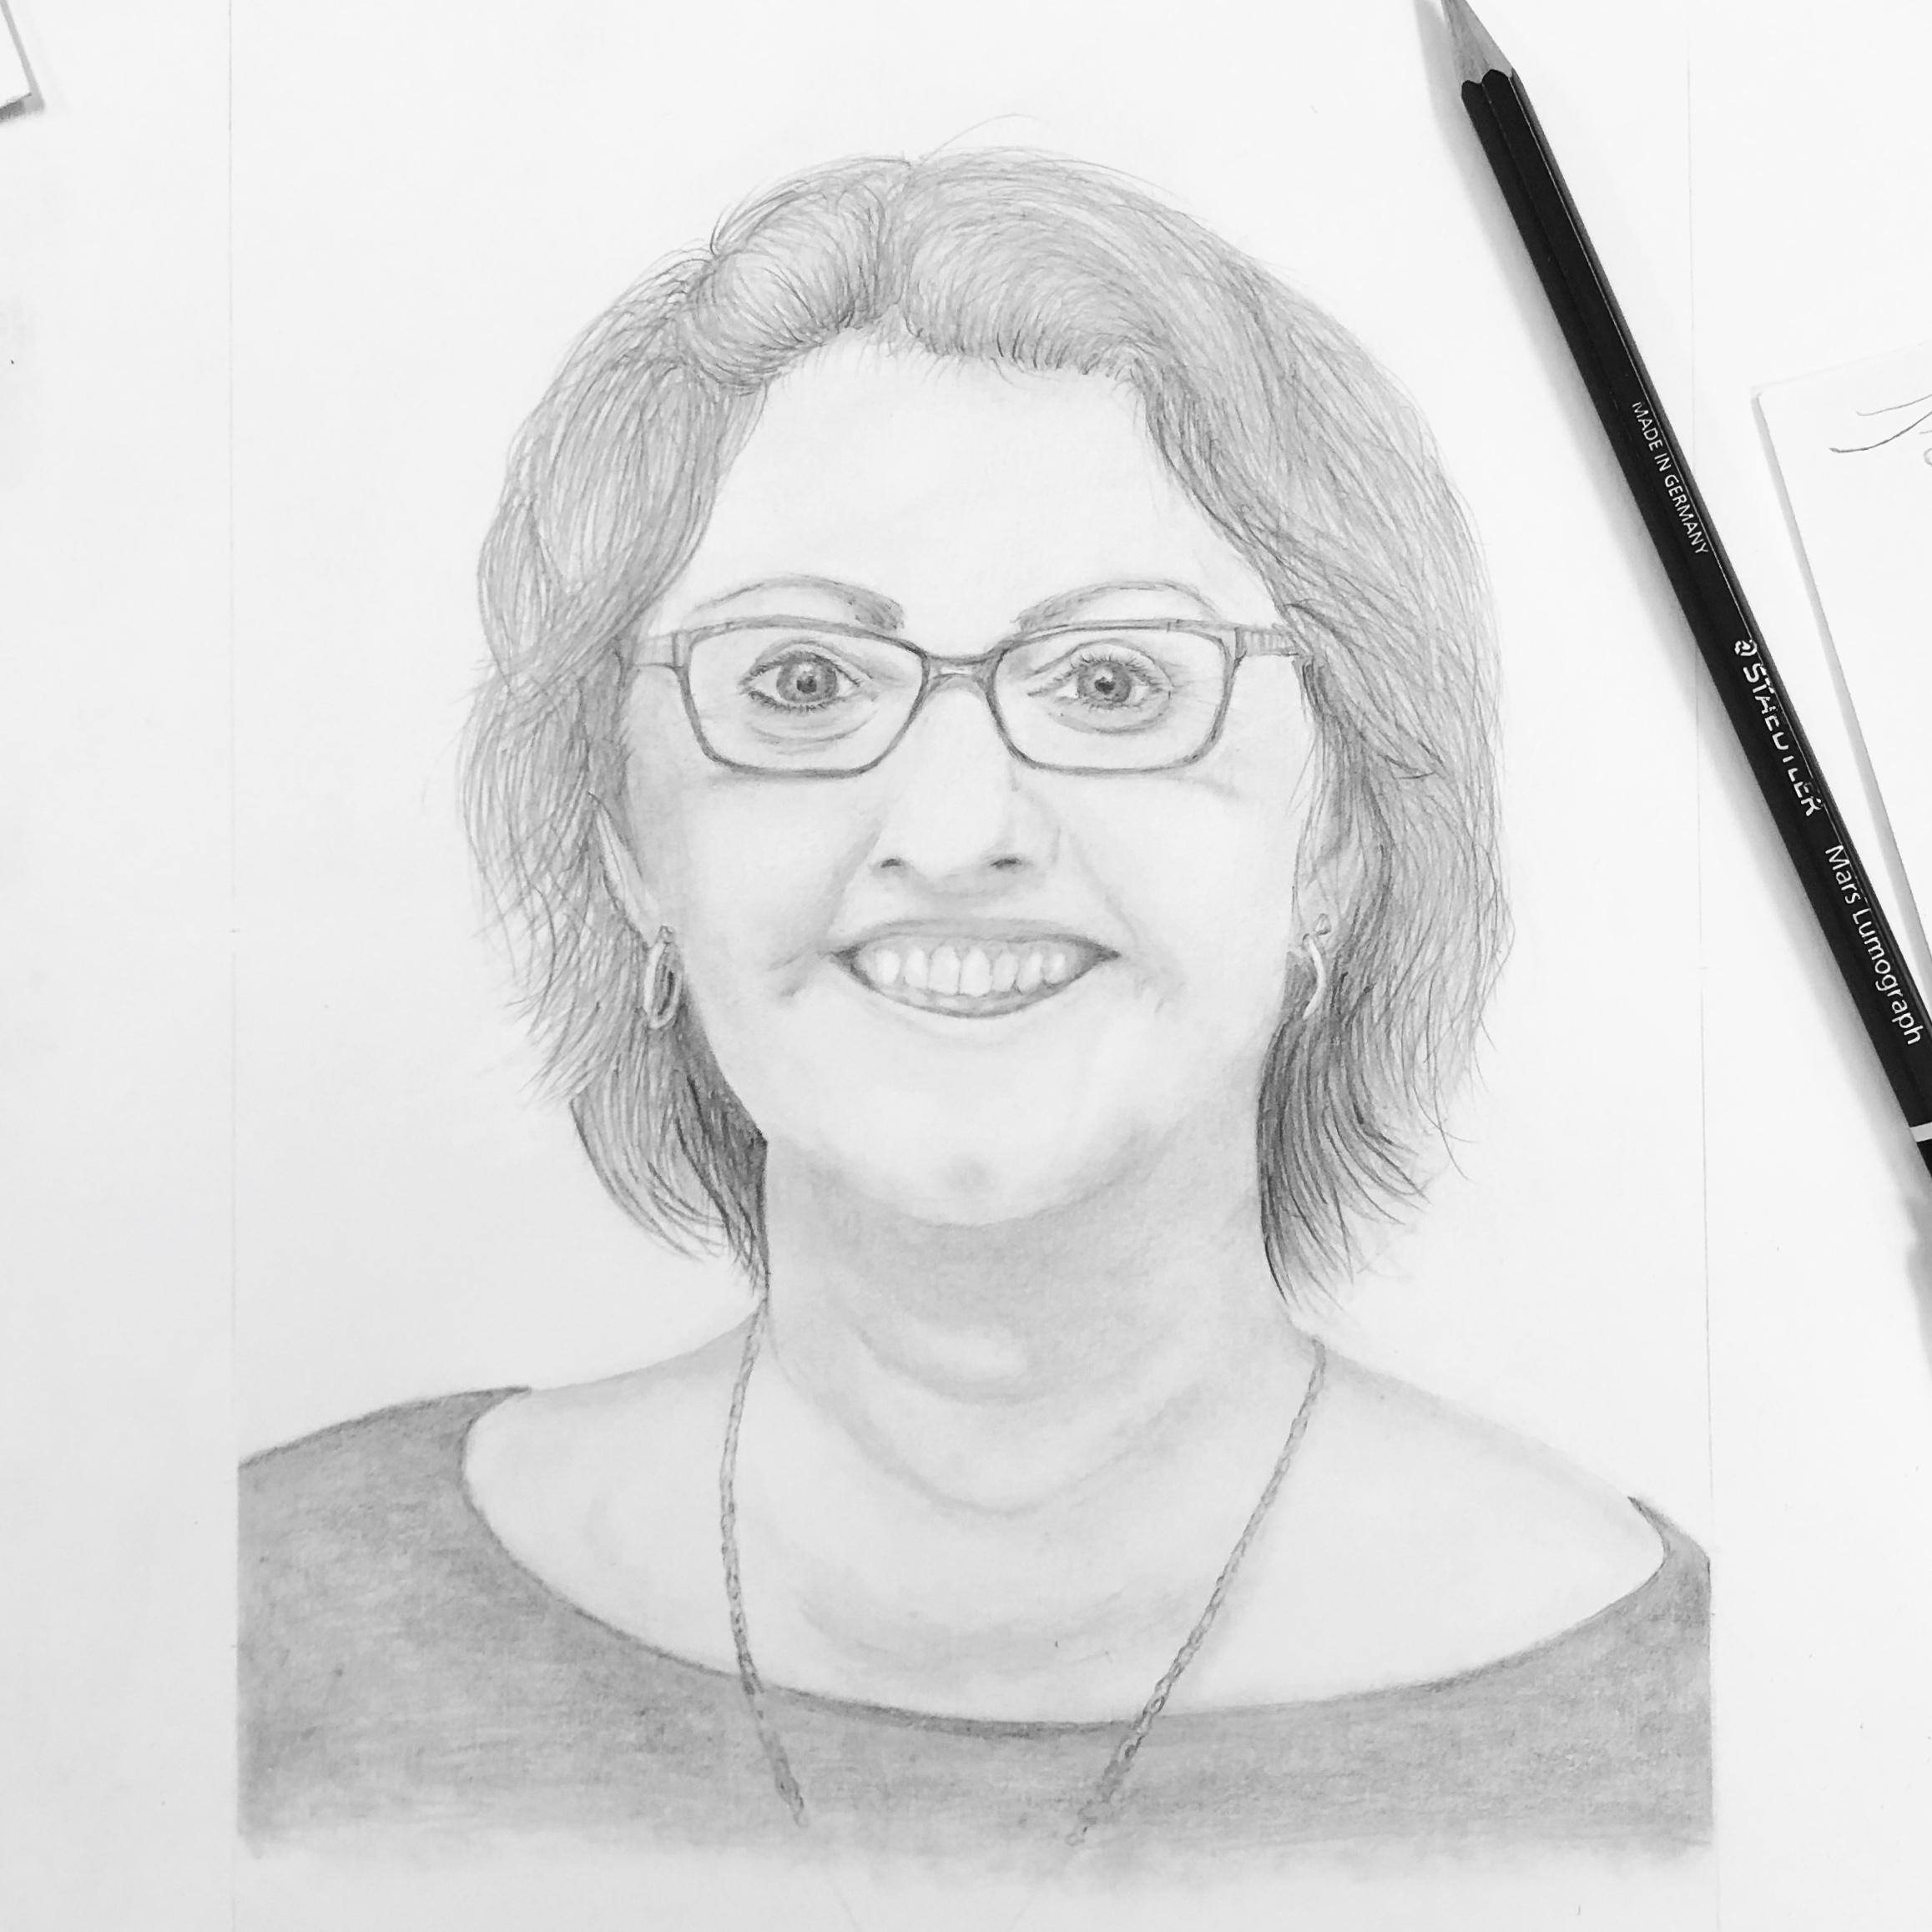 Week 5 & 6 - Portrait